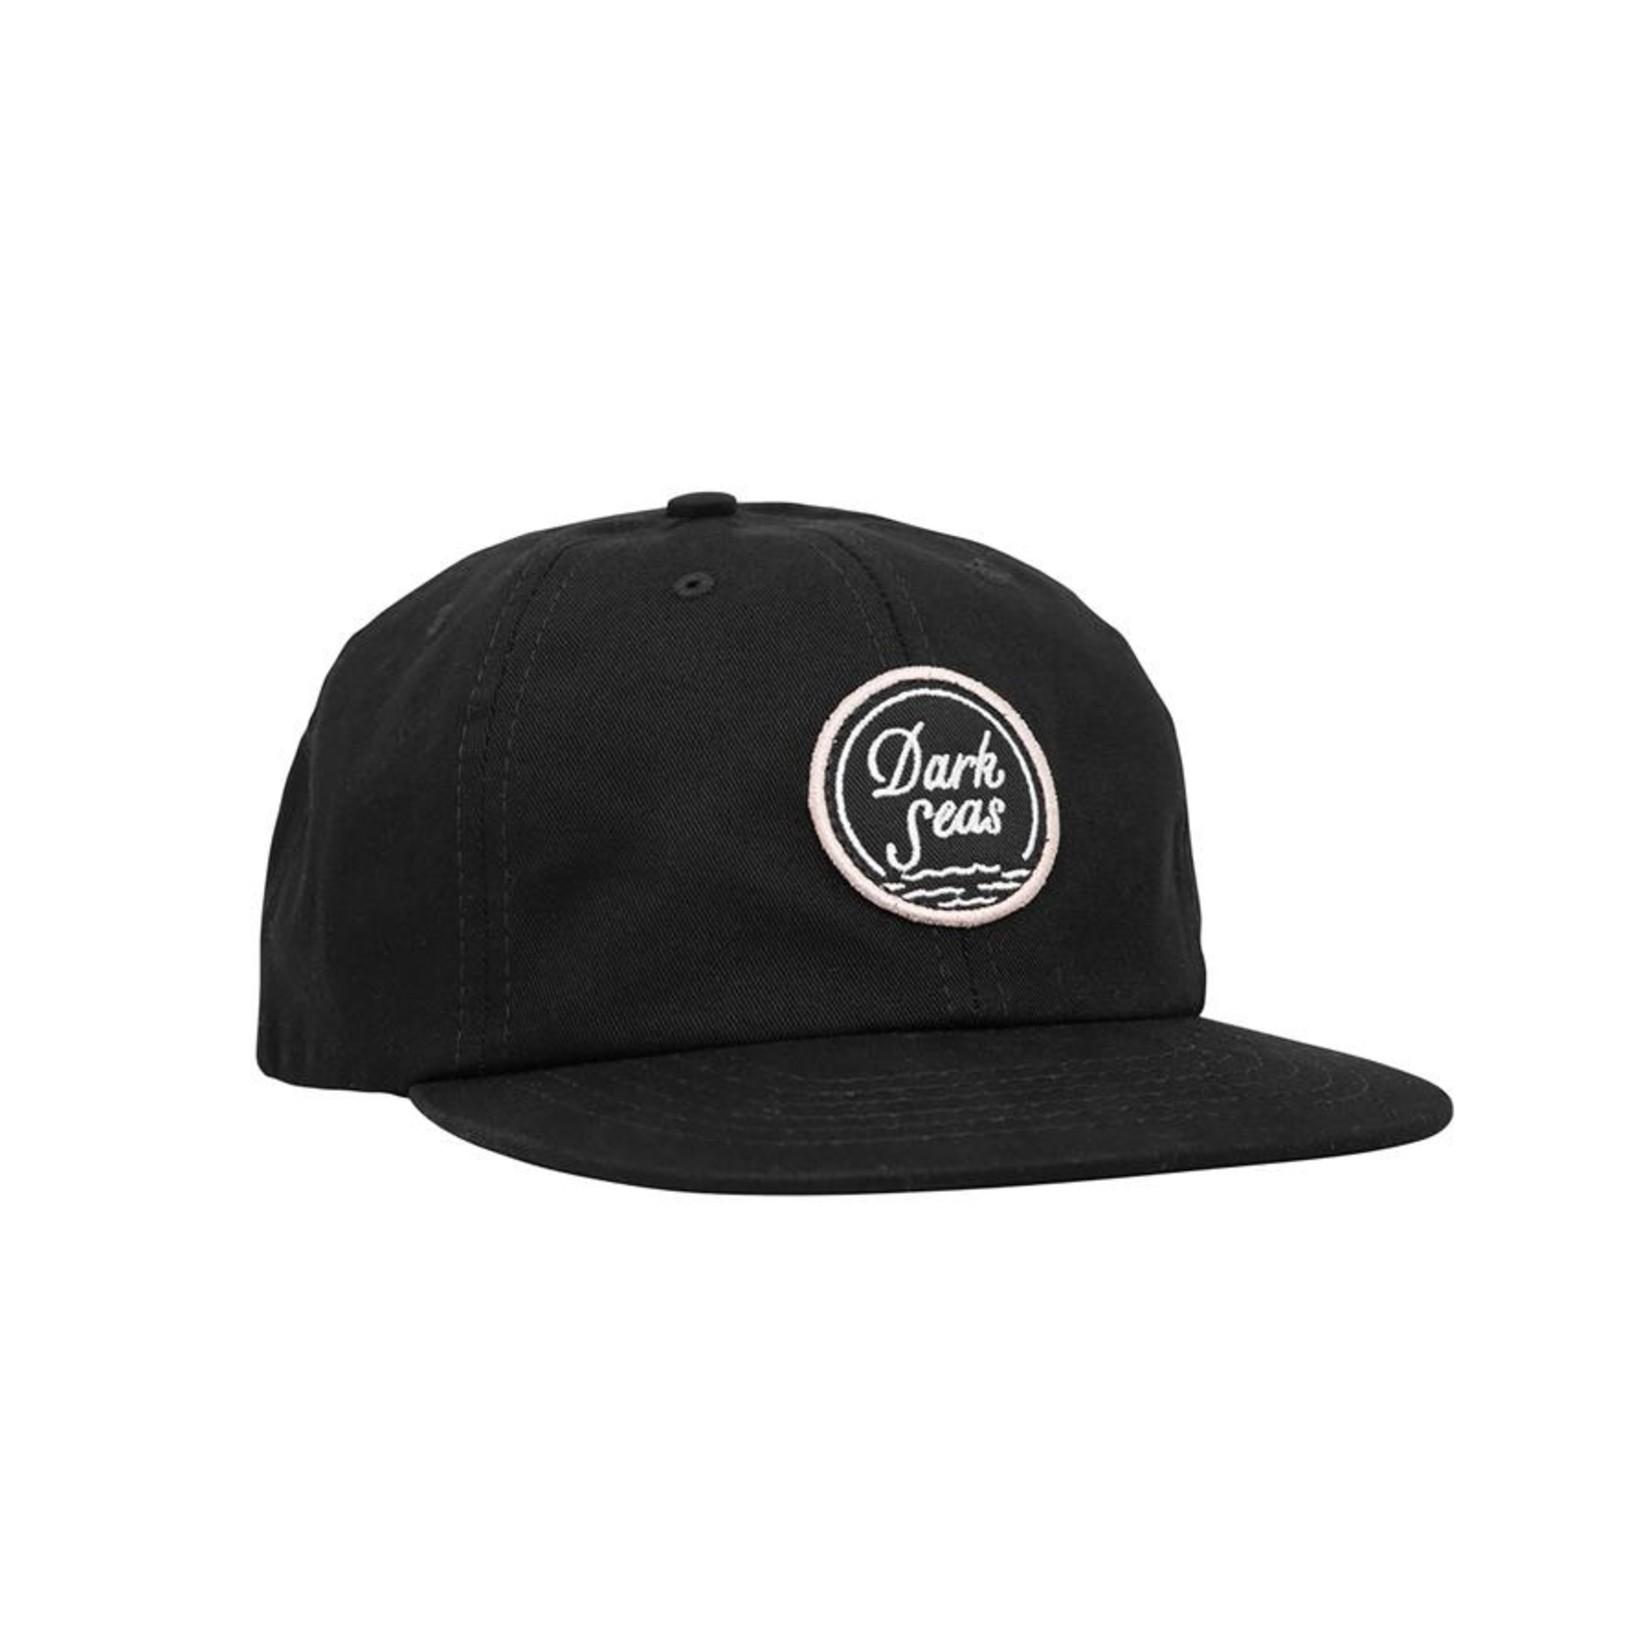 Dark Seas Dark Seas Lambert Hat